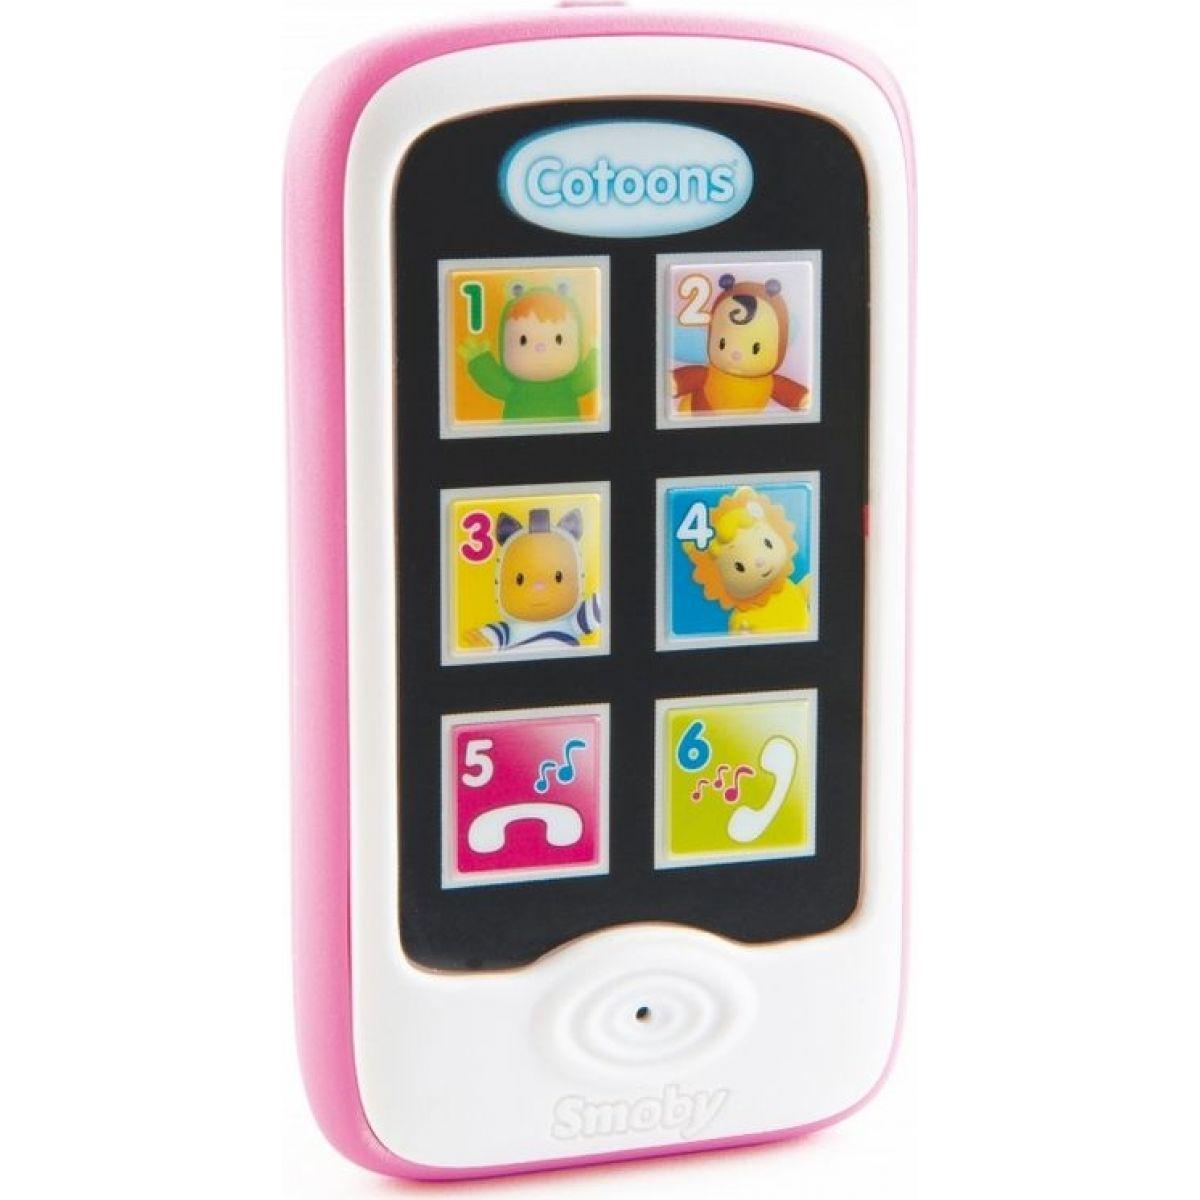 Smoby Cotoons Smartphone ružová